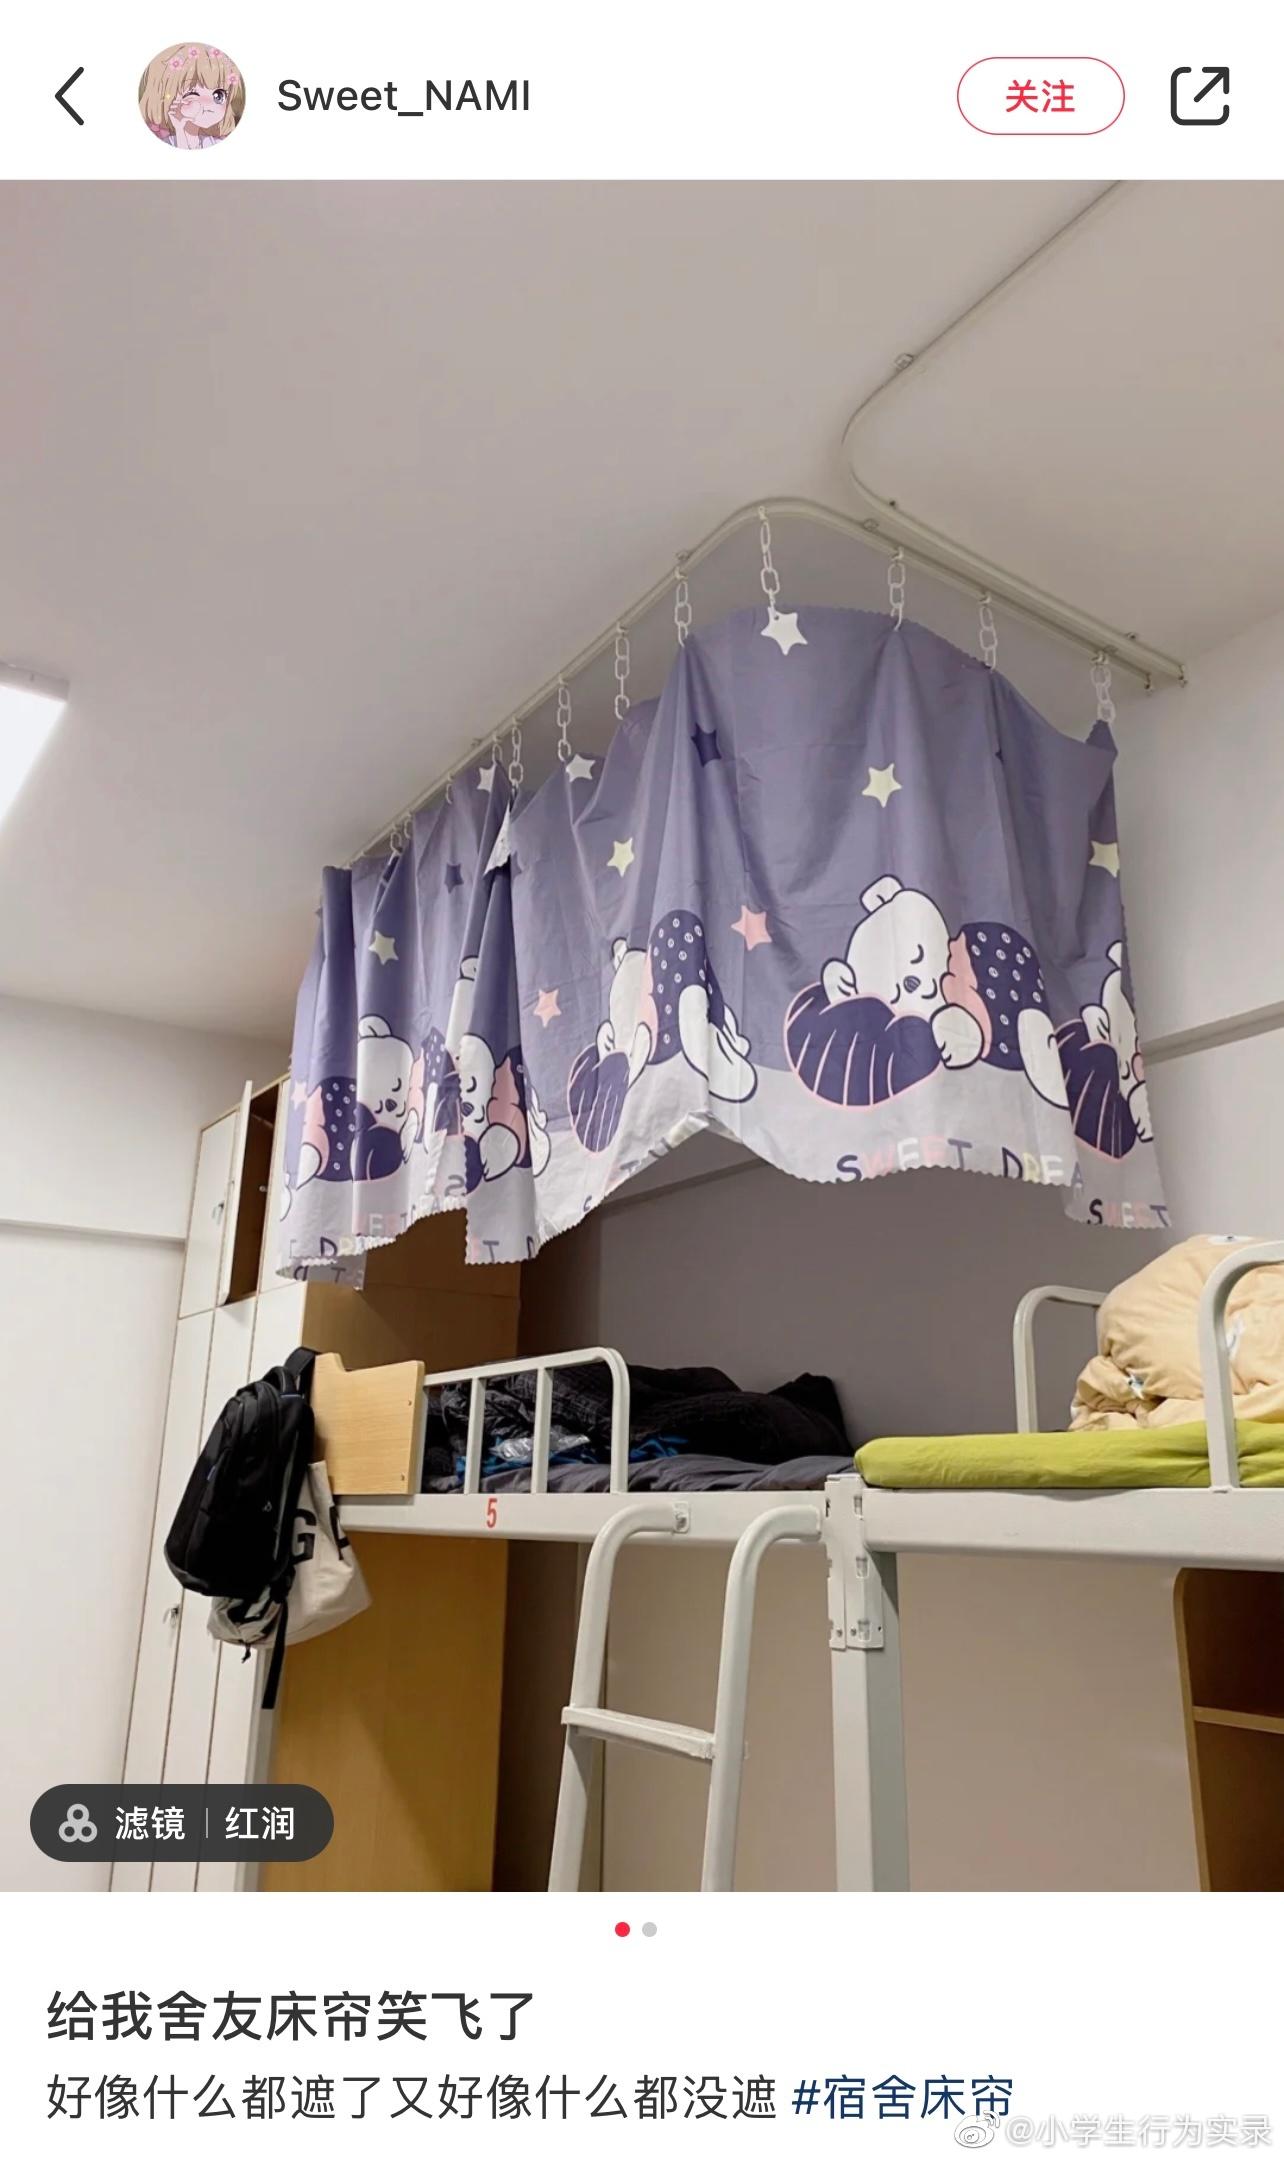 宿舍里的无效床帘